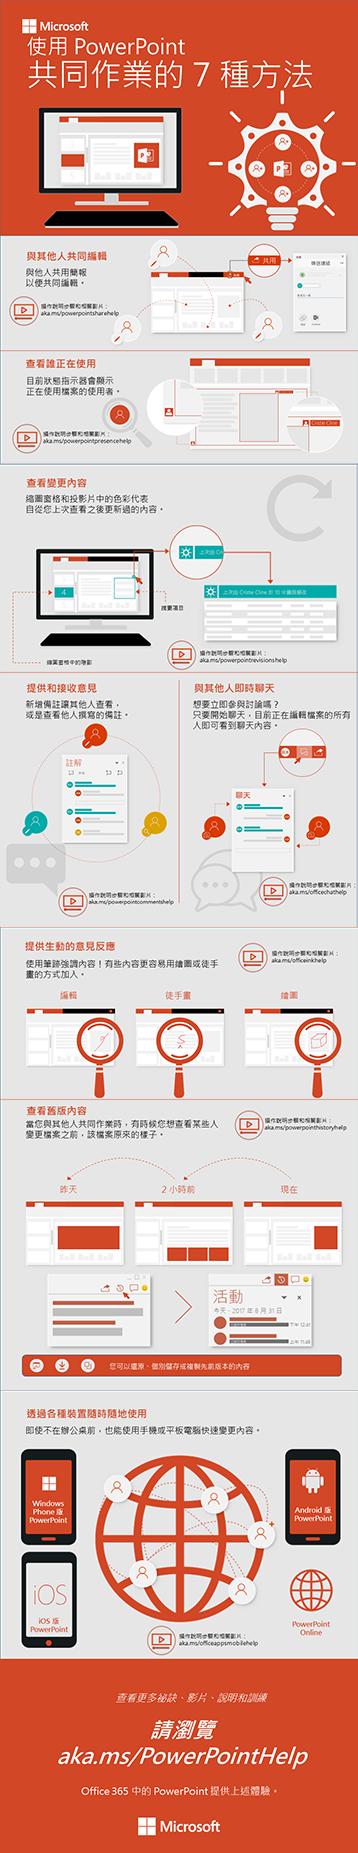 使用 PowerPoint 共同作業的方法的資訊圖表